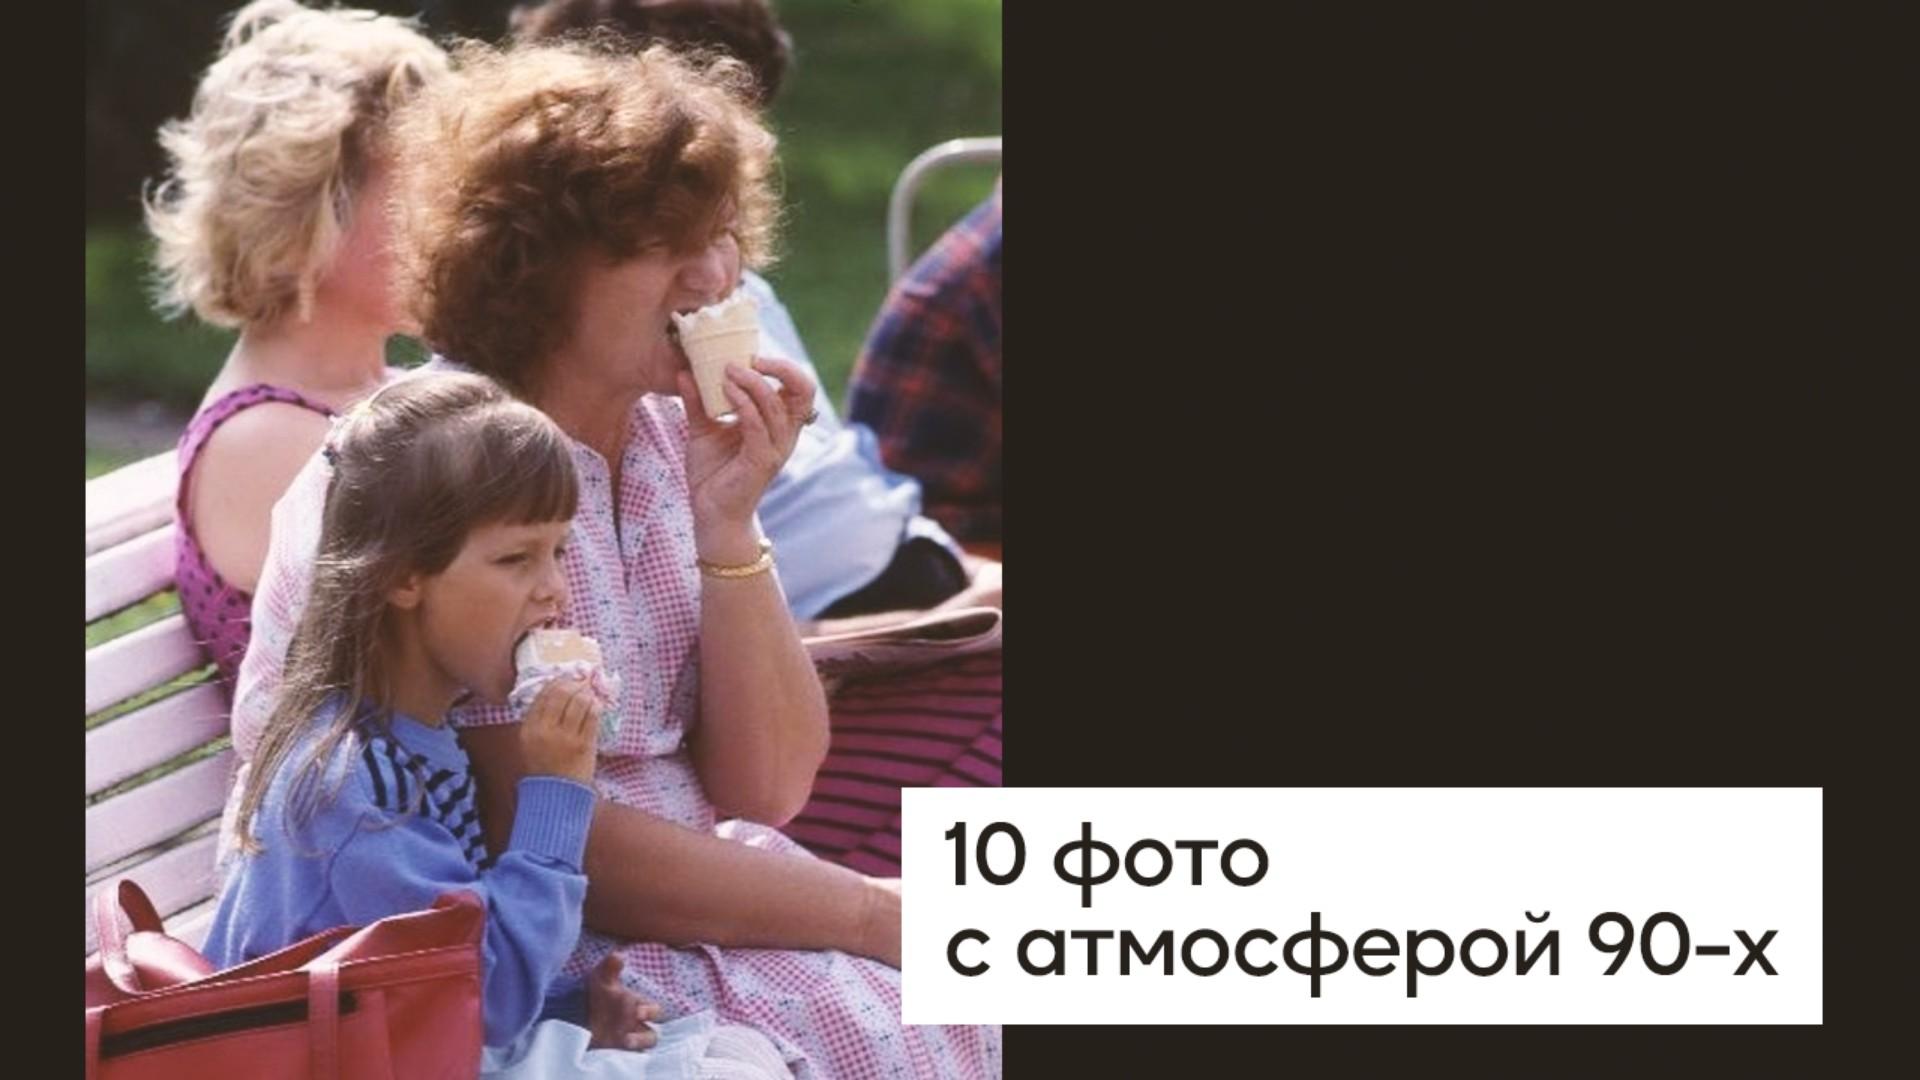 10 фото, которые помогут прочувствовать атмосферу 90-х